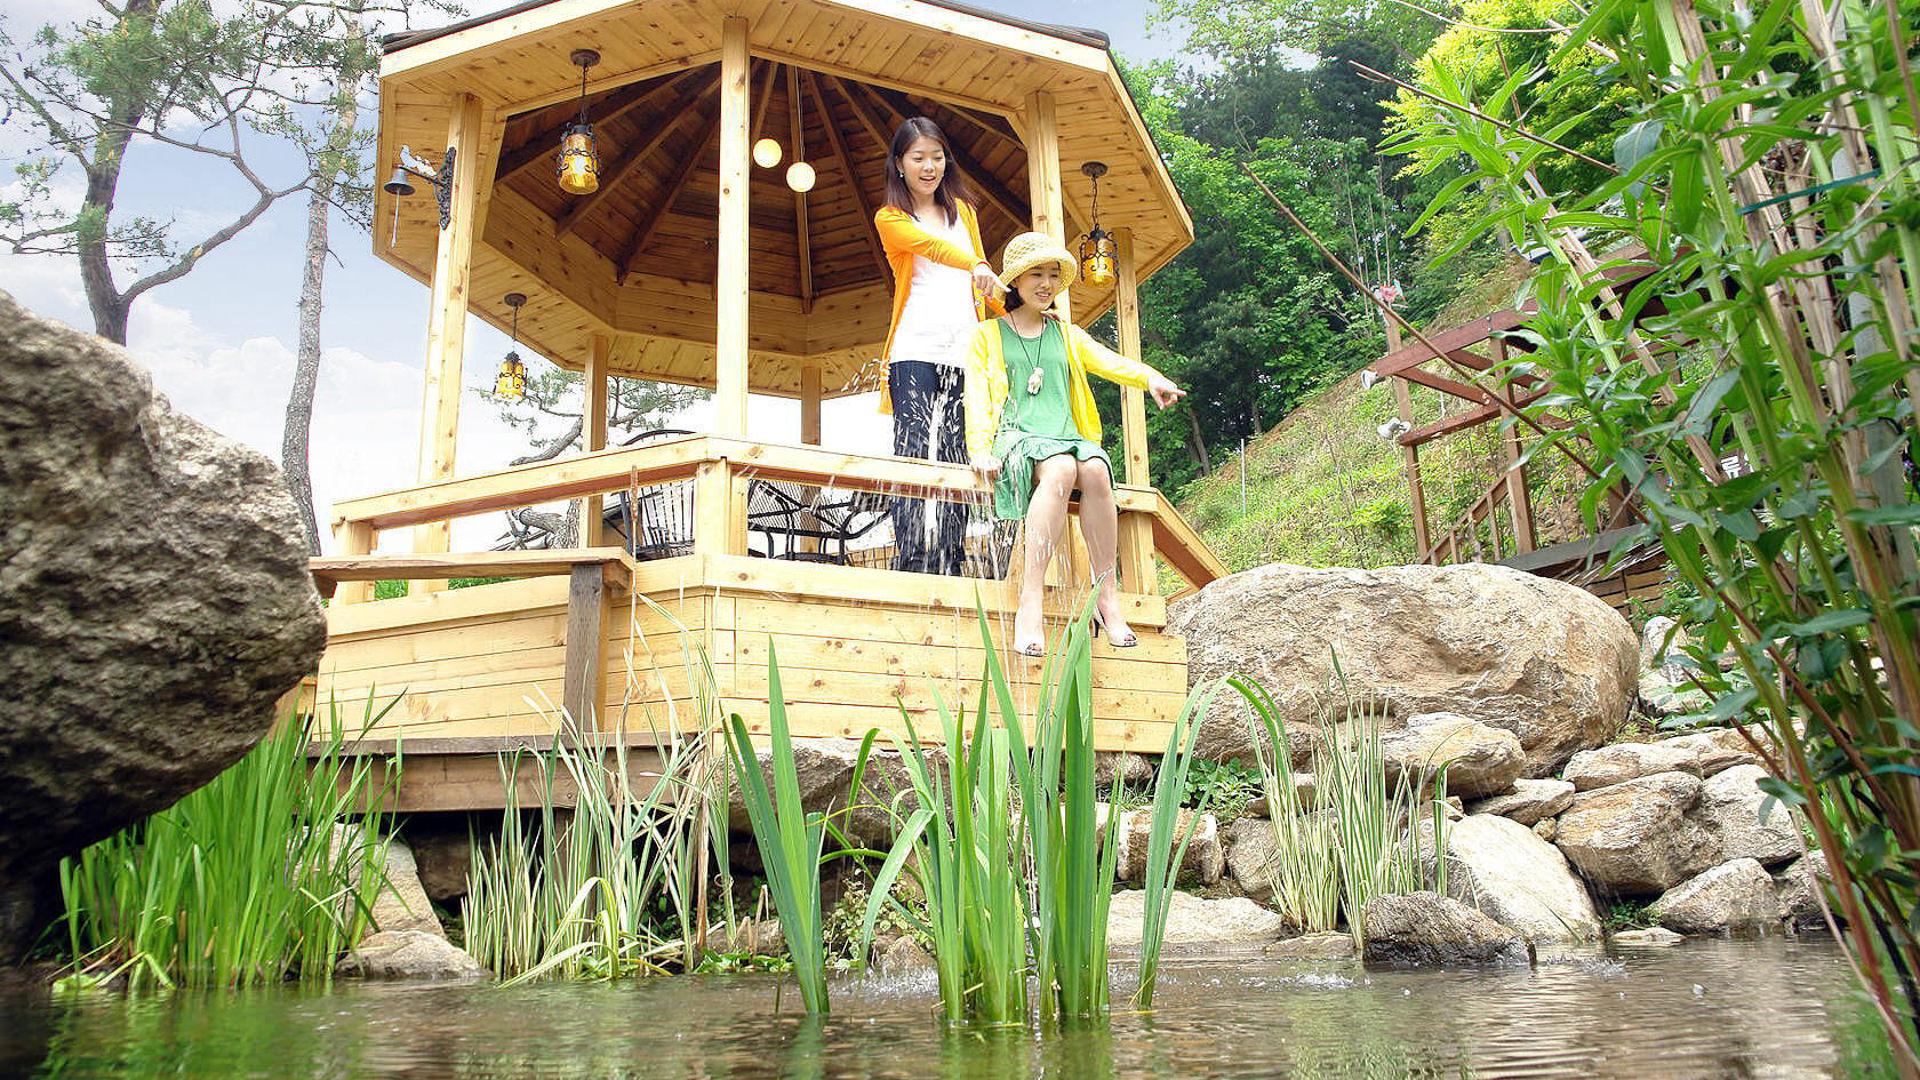 야생화' 연못' 미니계곡